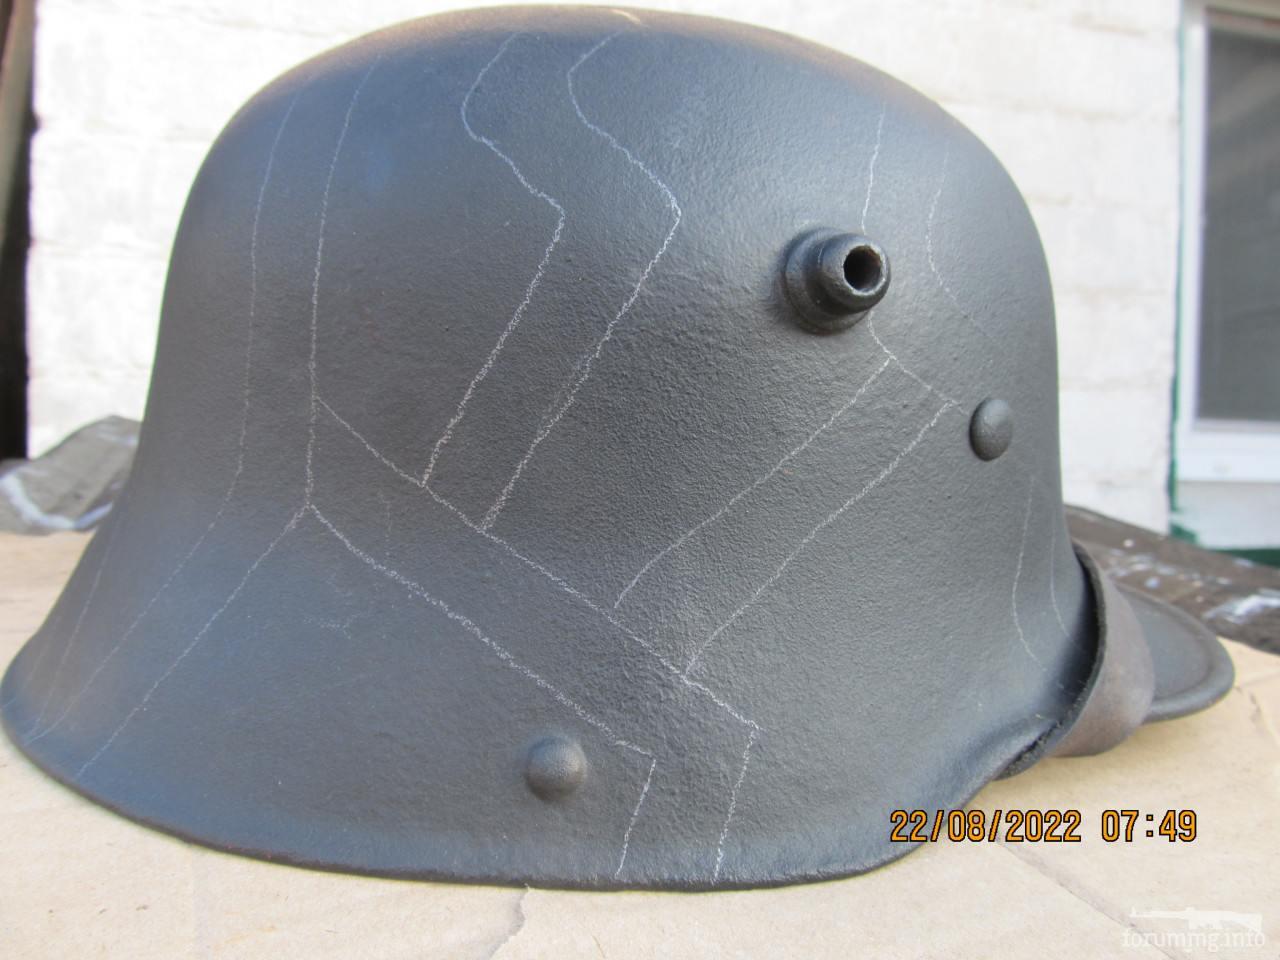 115896 - Было - стало (каски, аммуниция, униформа, предметы быта и прочее...)